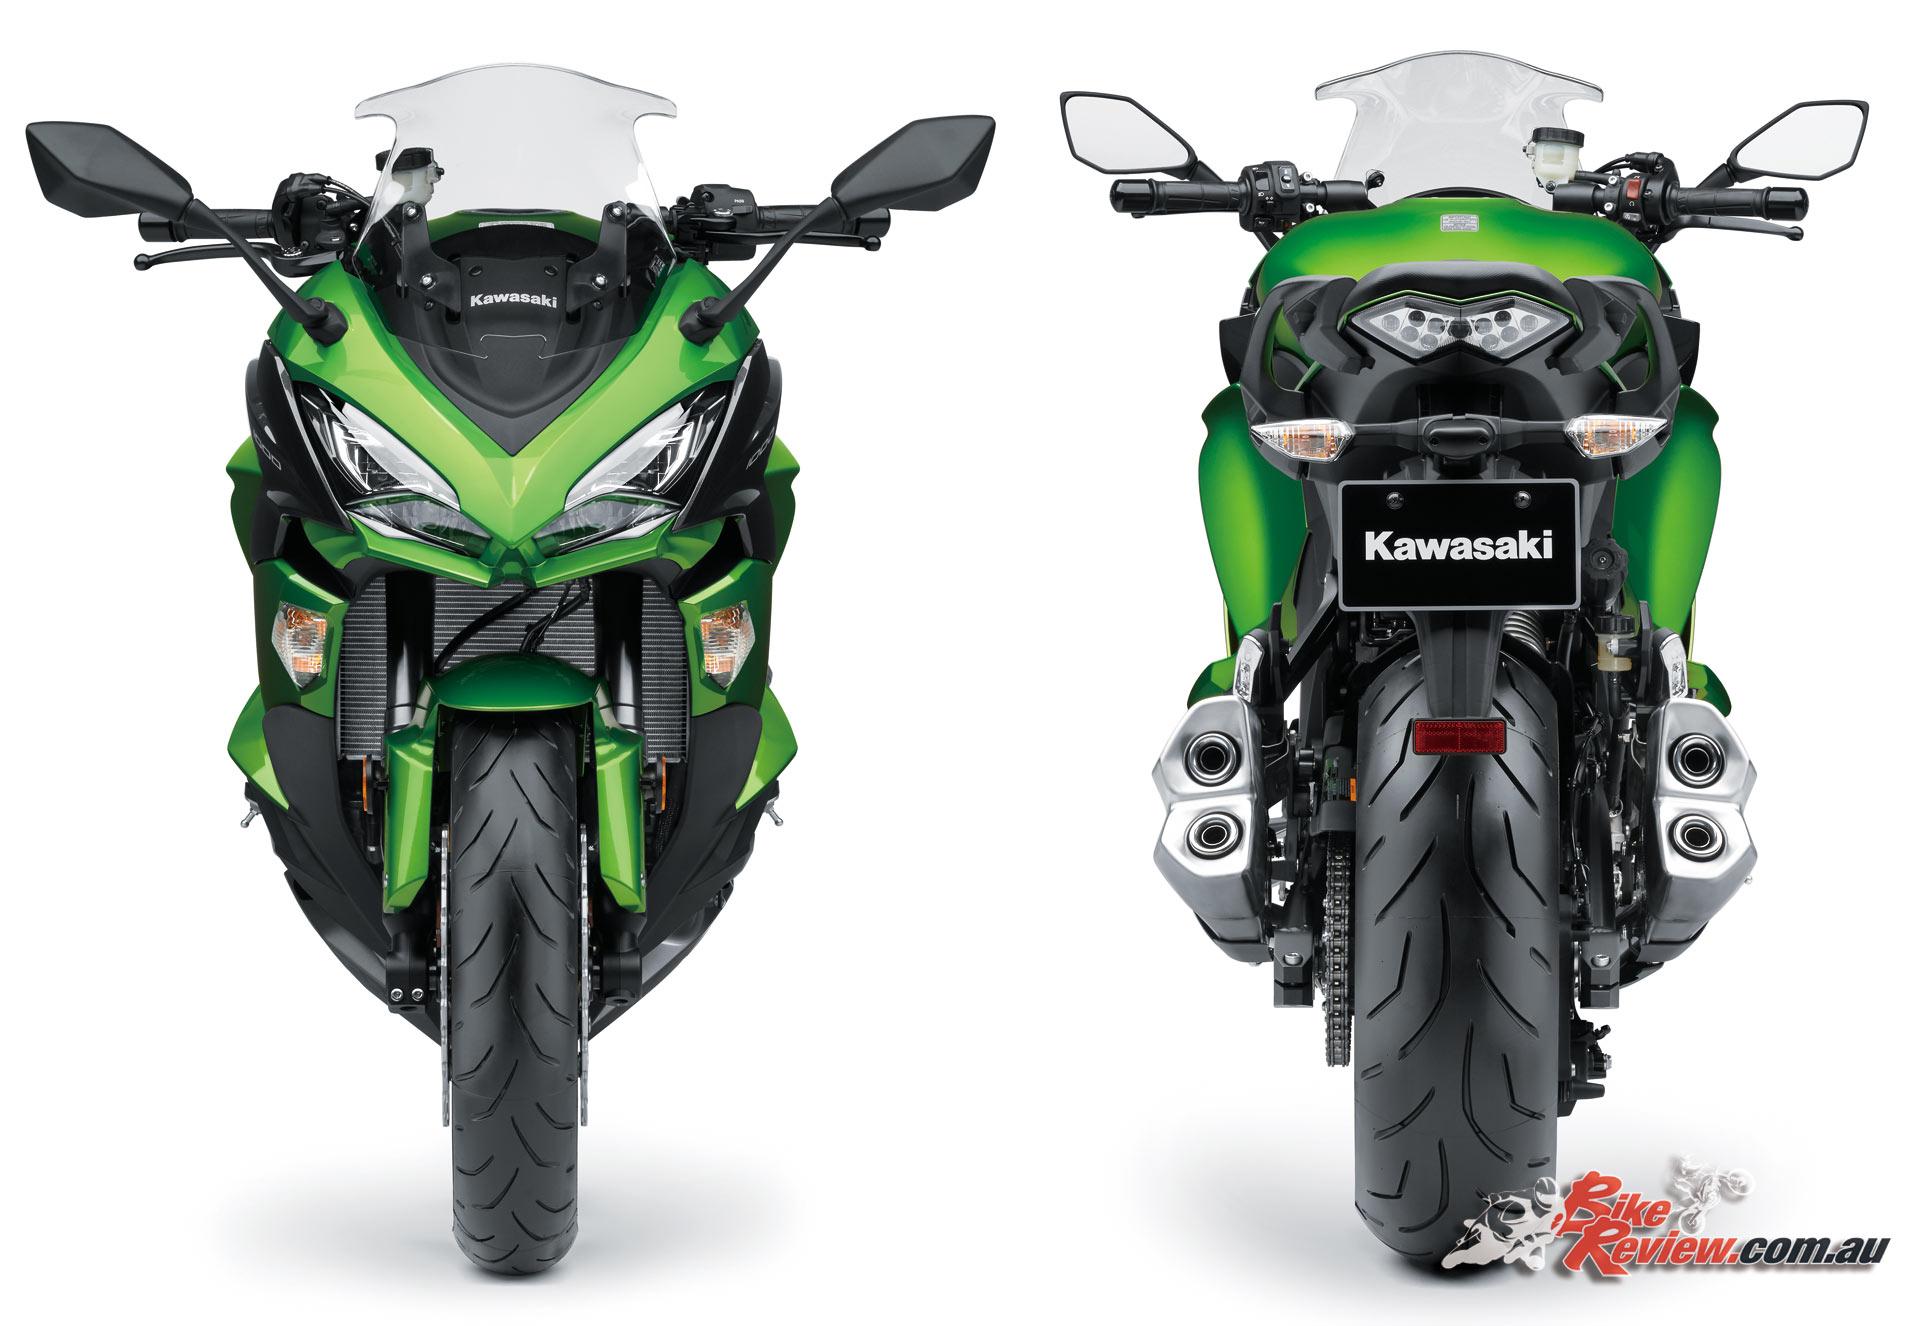 Kawasaki S 2017 Ninja 1000 Now Available Bike Review